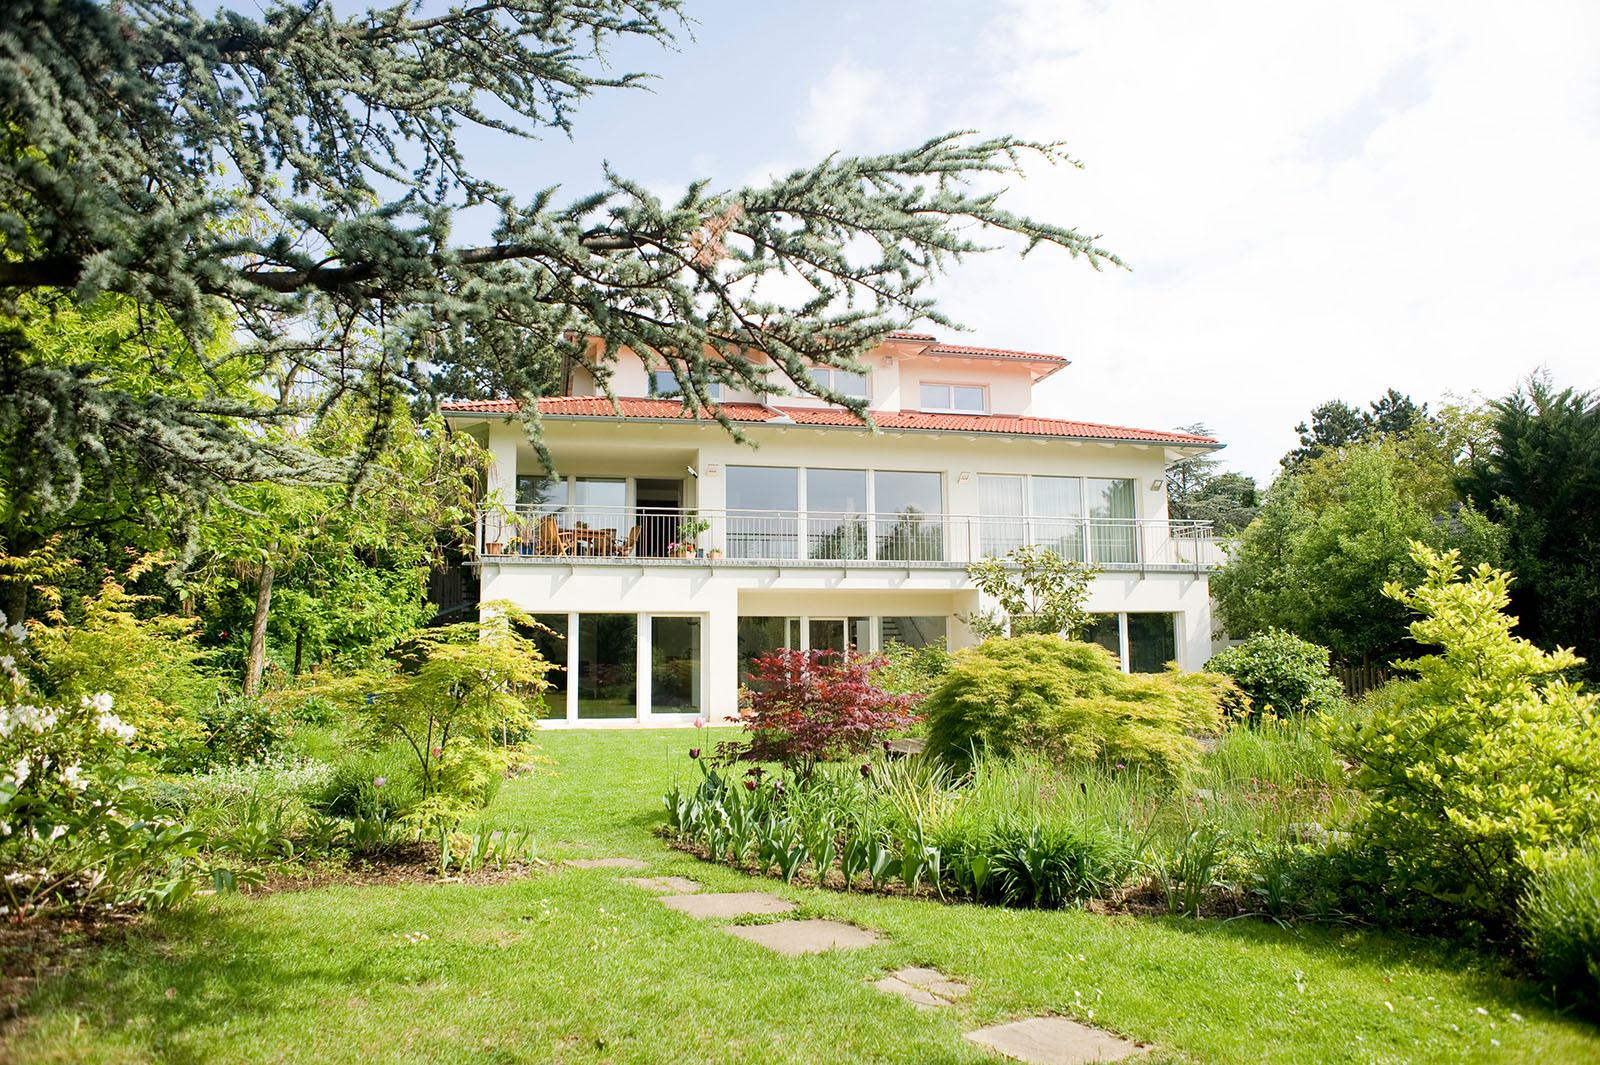 Wunschhaus Anwesen mit grosser Terrasse und Garten mit Bäumen im Sommer